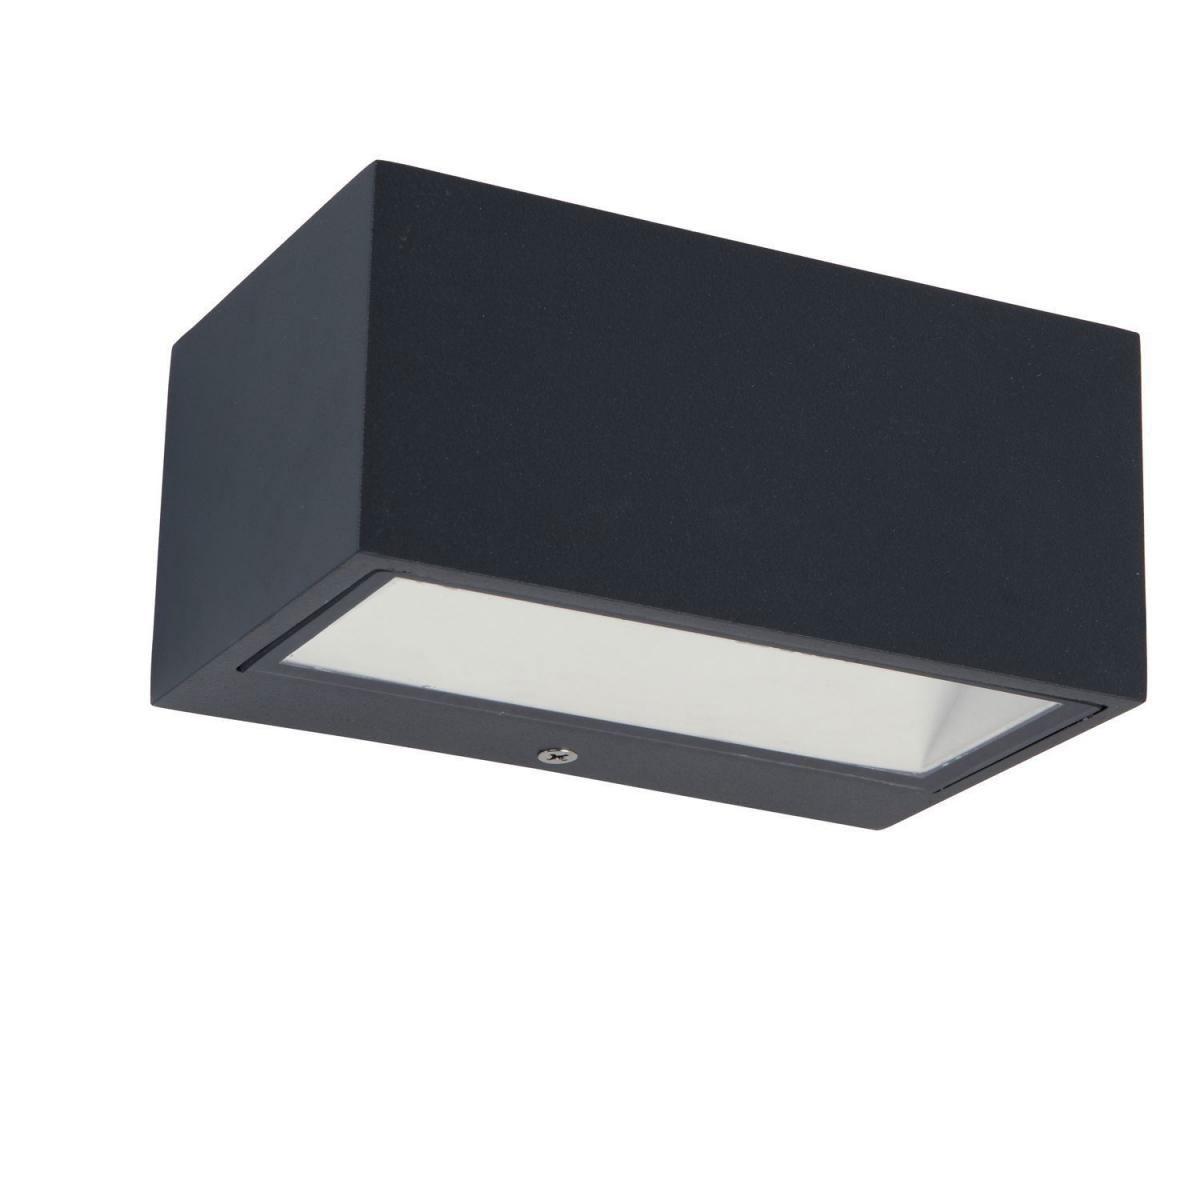 Außenwandleuchten - LED Außenwandleuchte Gemini, anthrazit  - Onlineshop Hellweg